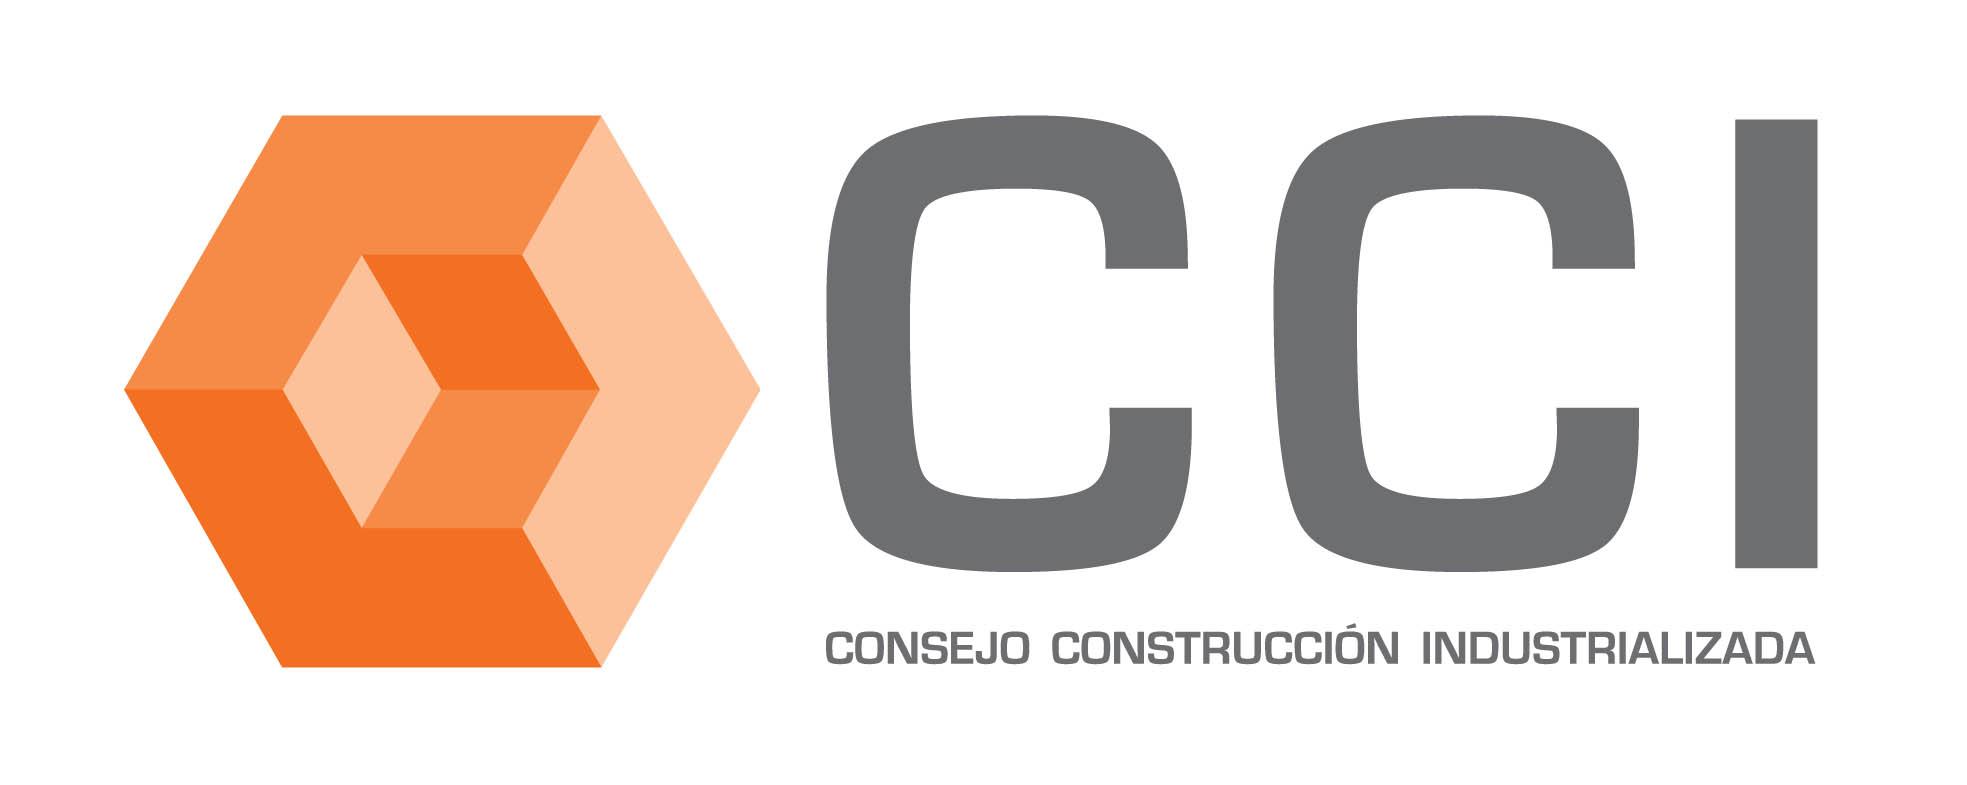 Promoviendo industrialización en la construcción en Chile